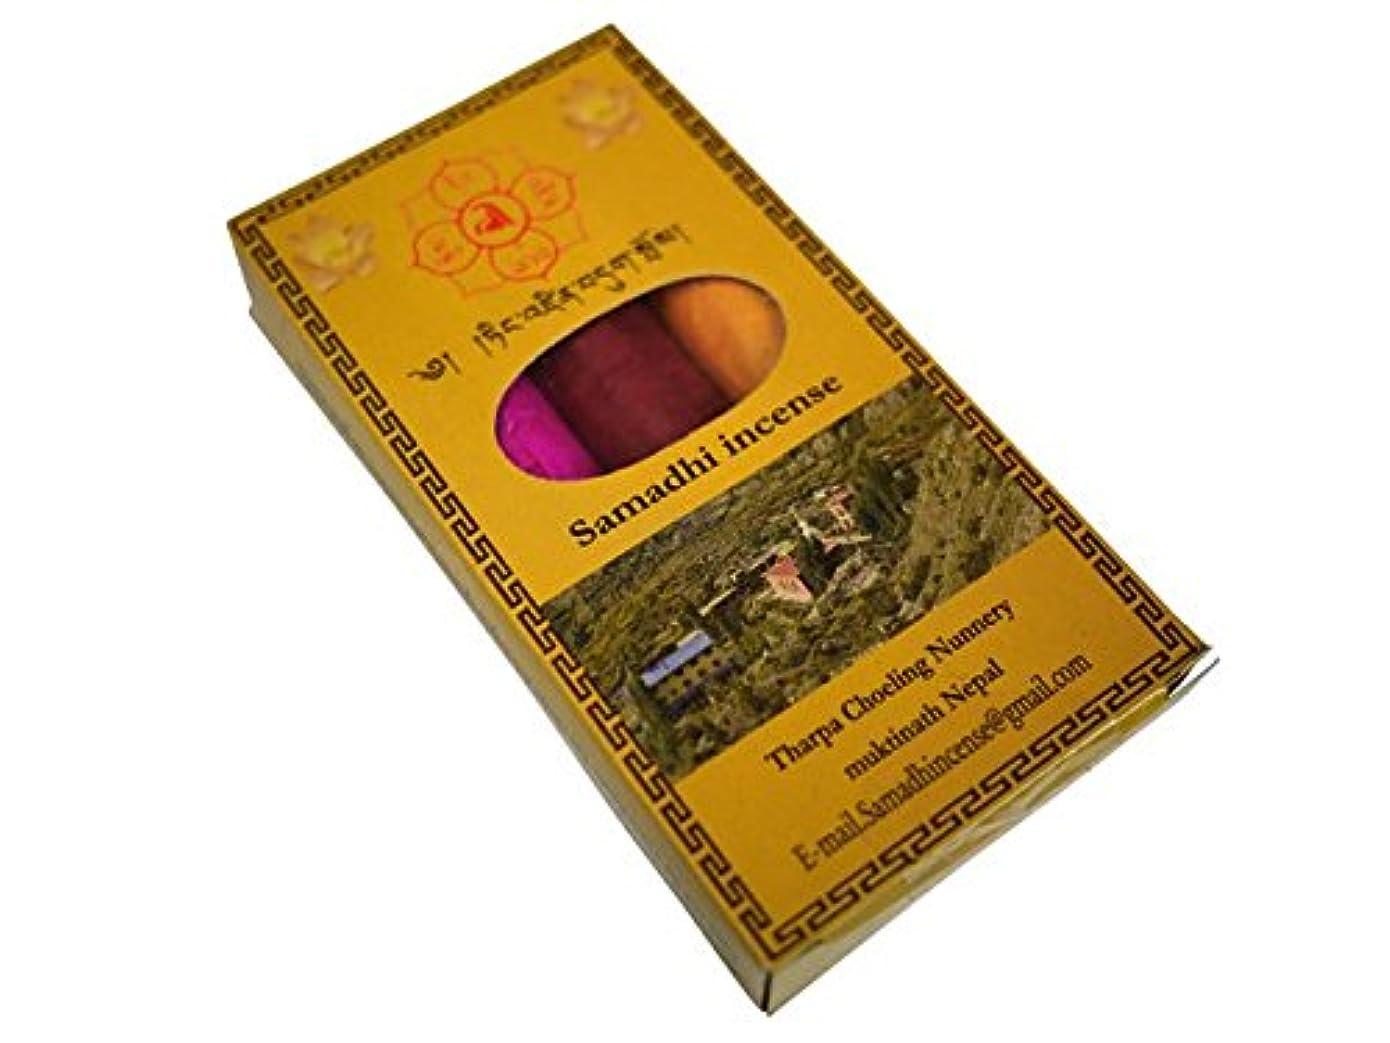 テレマコスブラジャー不調和タルパチョリンナニー チベット仏教寺院タルパチョリンナニーのお香【Samadhi3in1】